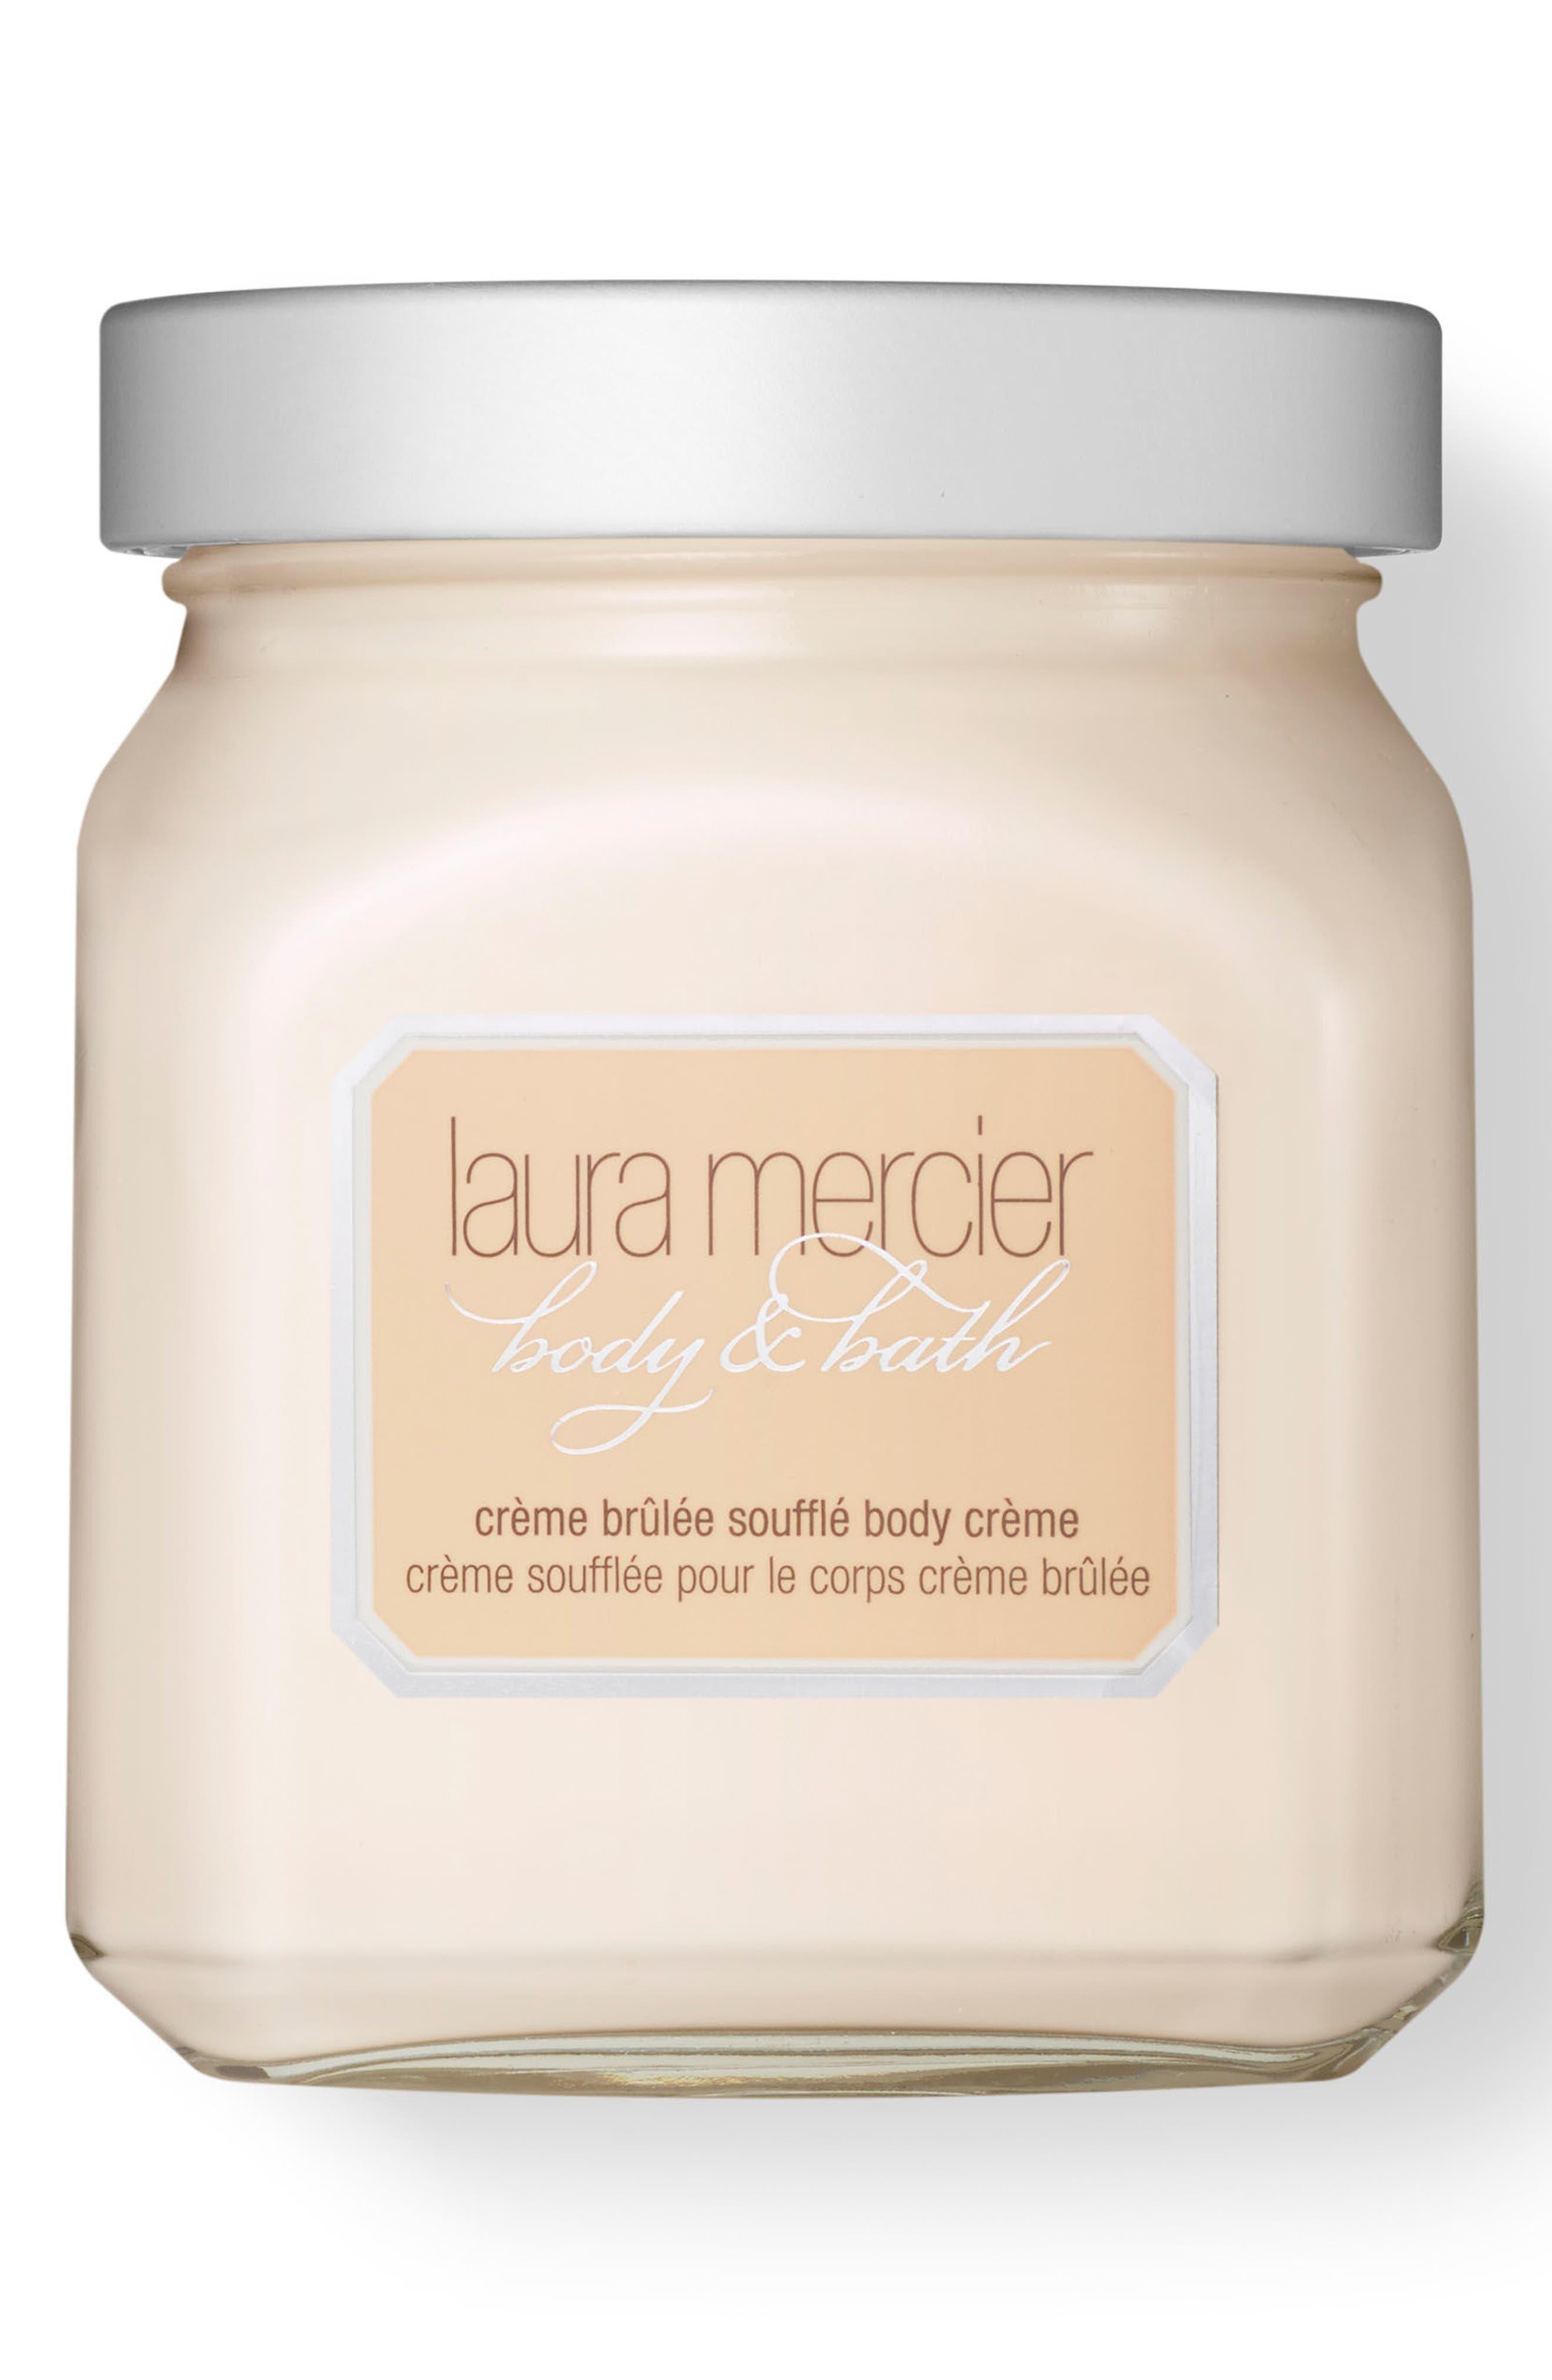 Alternate Image 1 Selected - Laura Mercier 'Crème Brûlée' Soufflé Body Crème